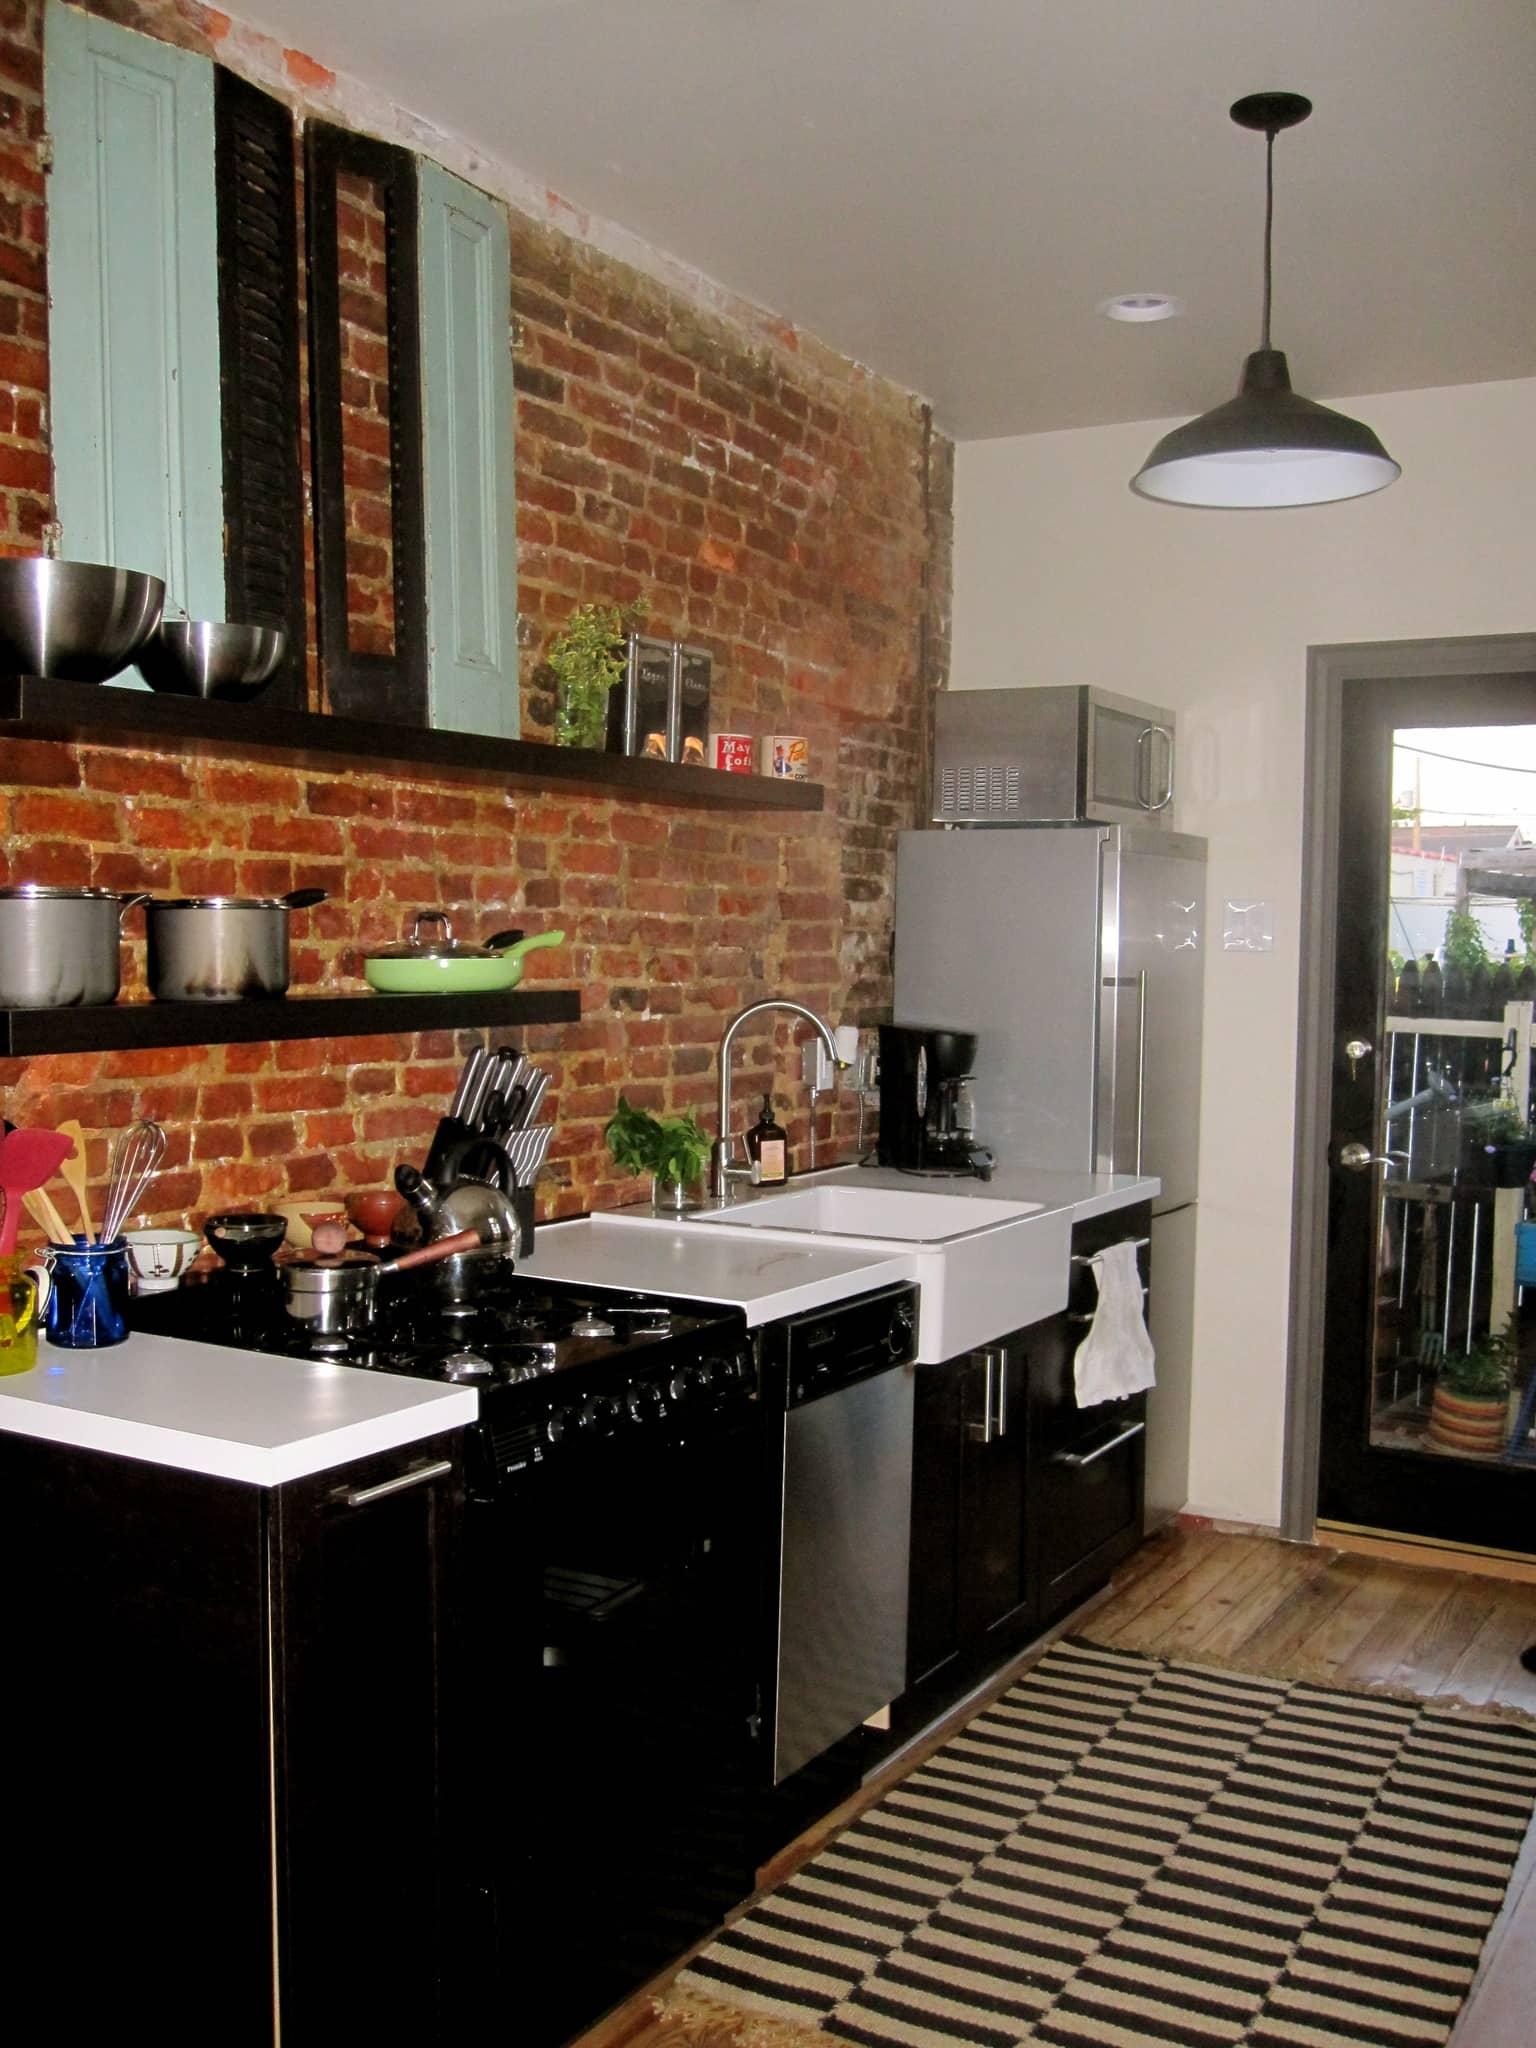 Helen's Eclectic Yet Calming Philadelphia Kitchen: gallery image 1